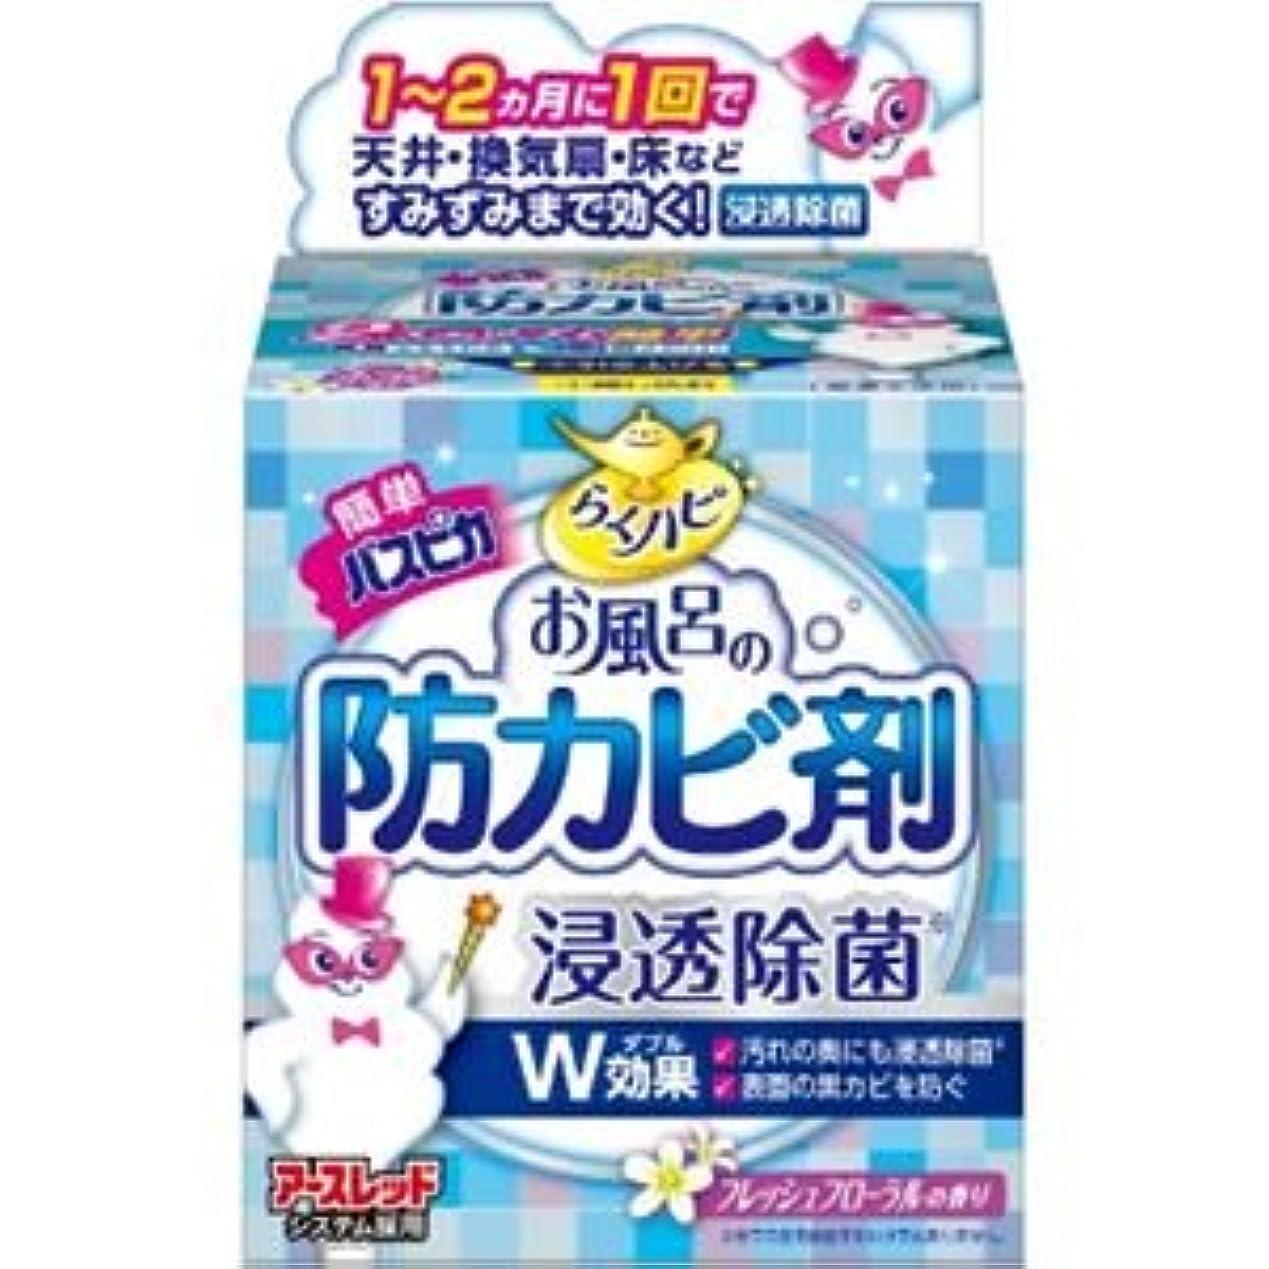 オーチャードプレート受粉者(まとめ)アース製薬 らくハピお風呂の防カビ剤フローラルの香り 【×3点セット】